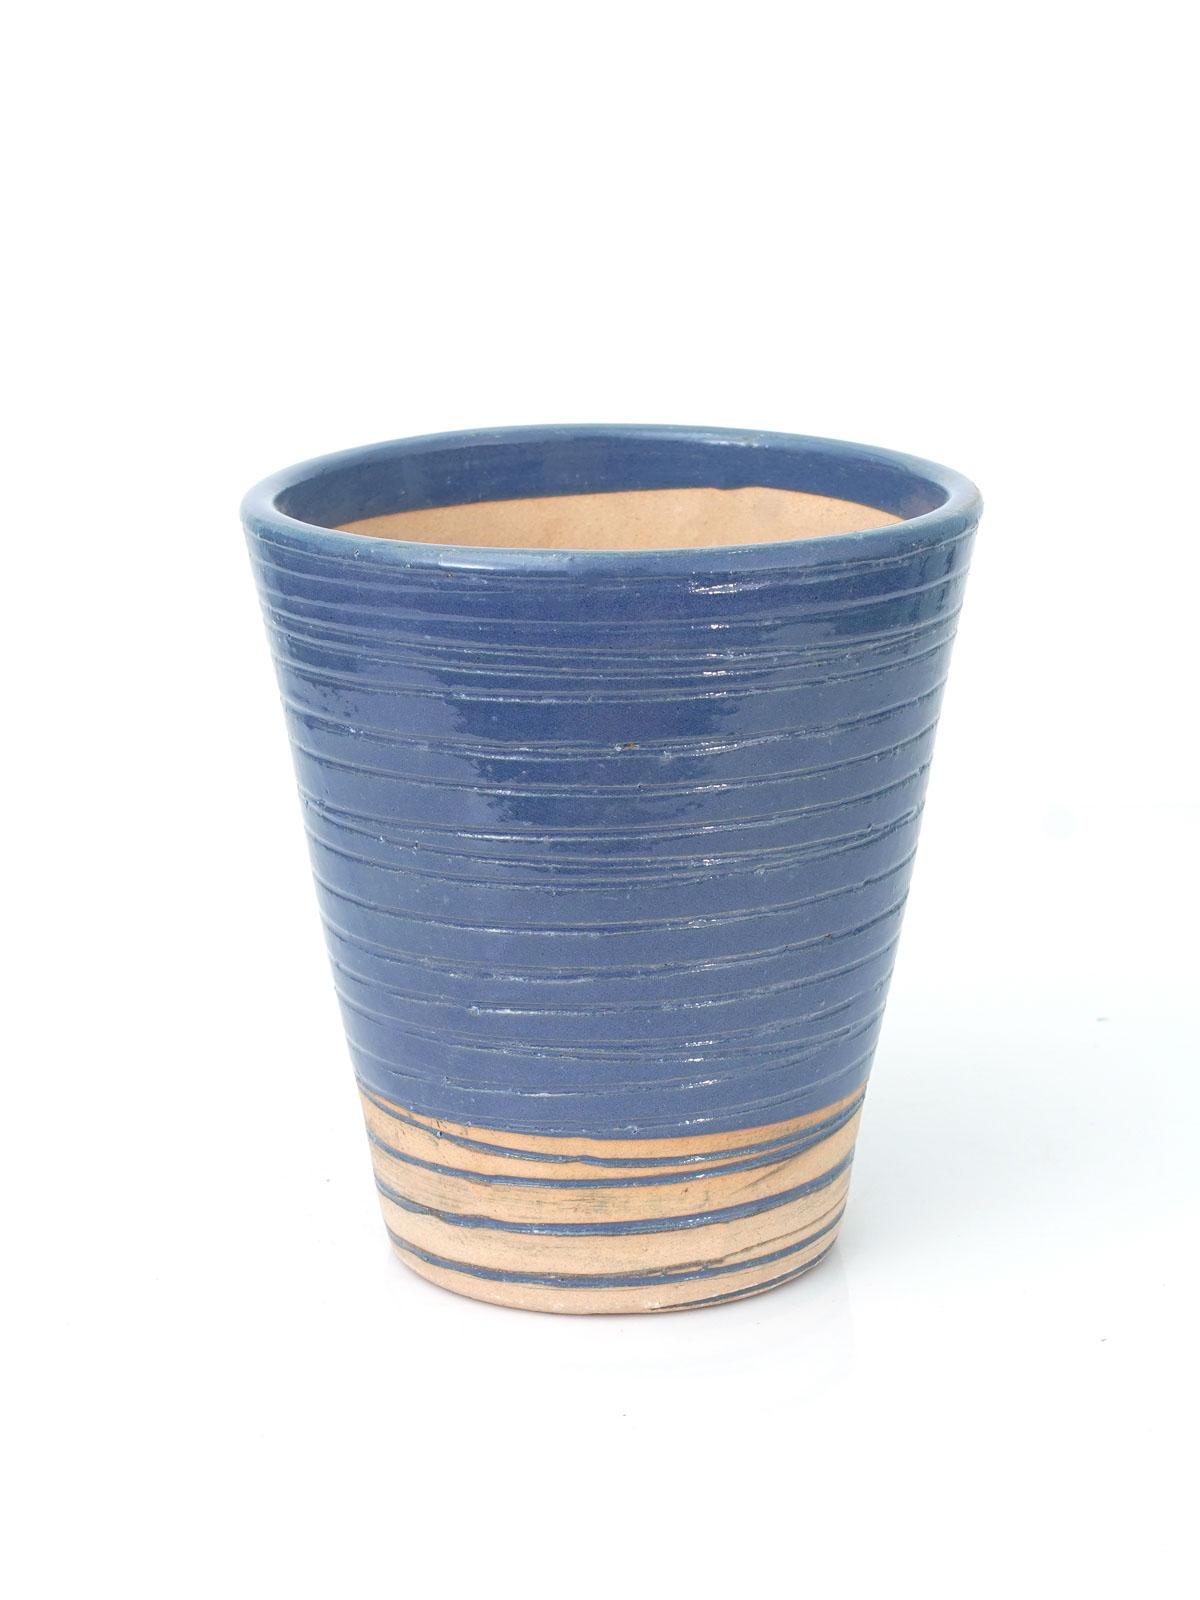 Sicilia  Aquablue 07H(38x26) Pots & Vases